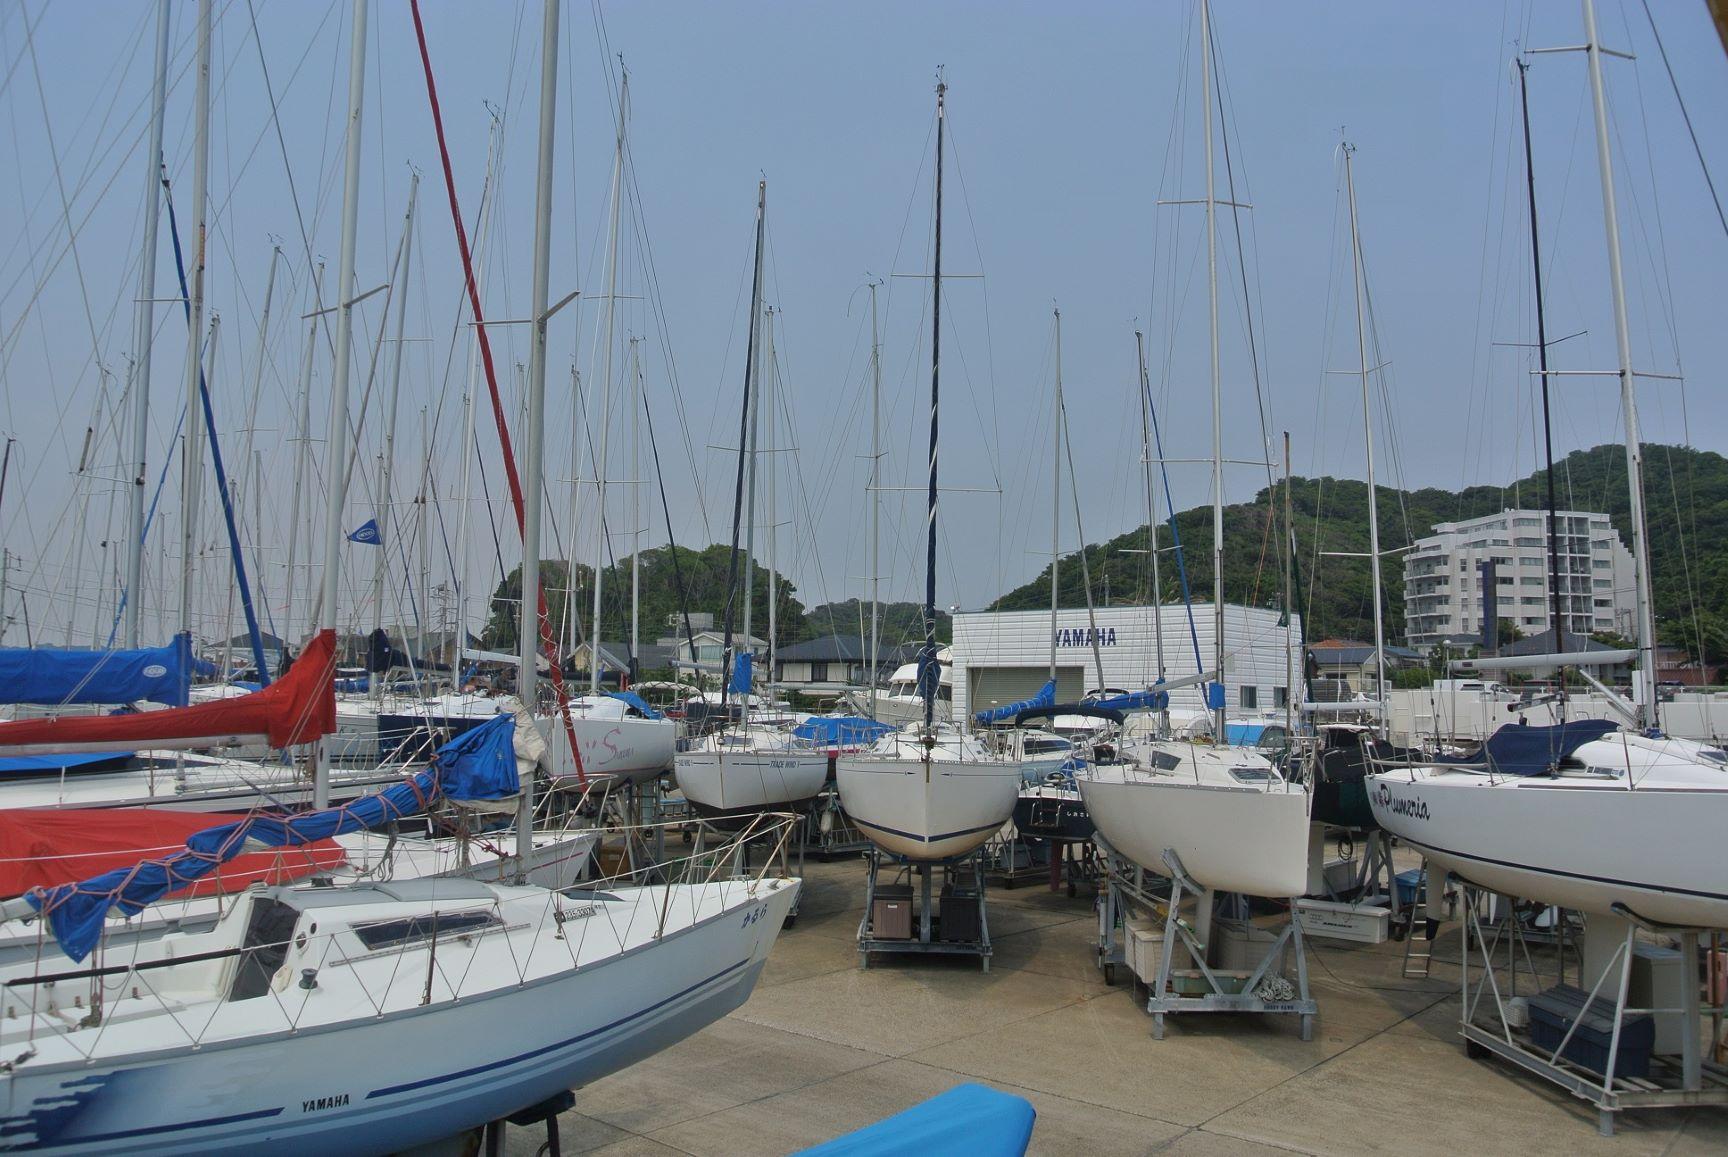 葉山ヨットハーバー。たくさんのカラフルなヨットが並ぶ。